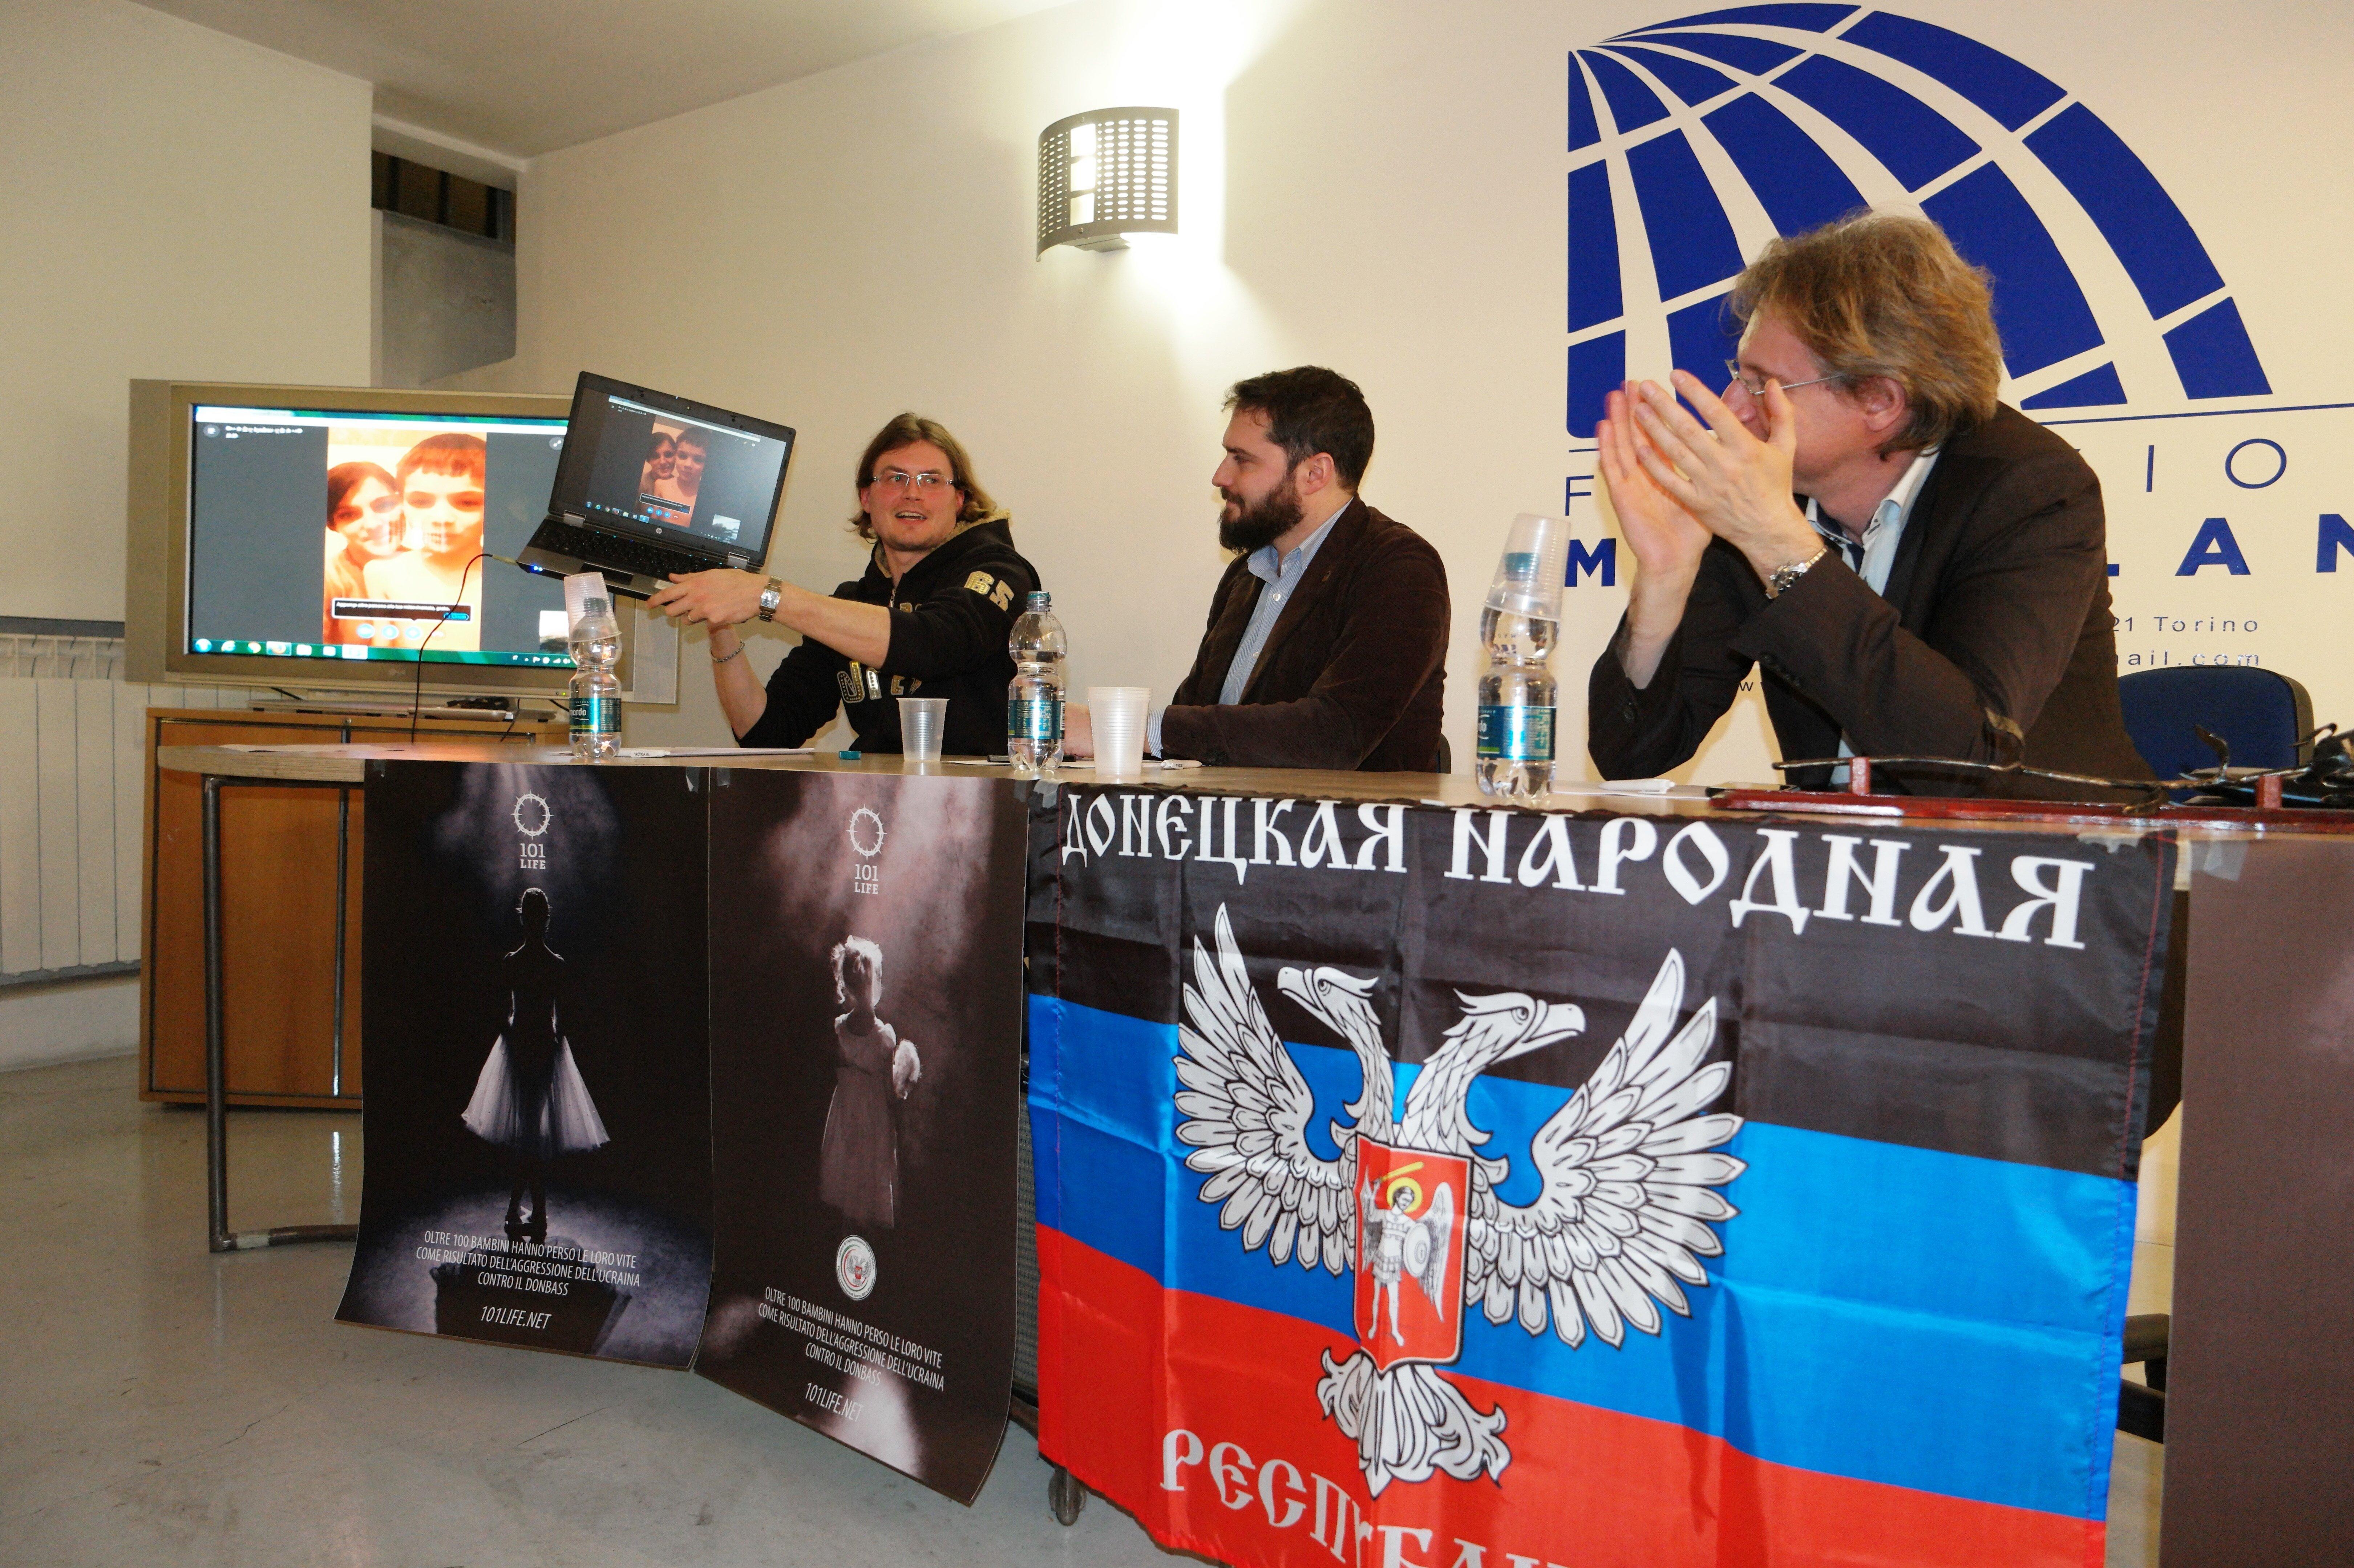 Mostra a Torino dedicata ai bambini vittime della guerra nella Repubblica di Donetsk.